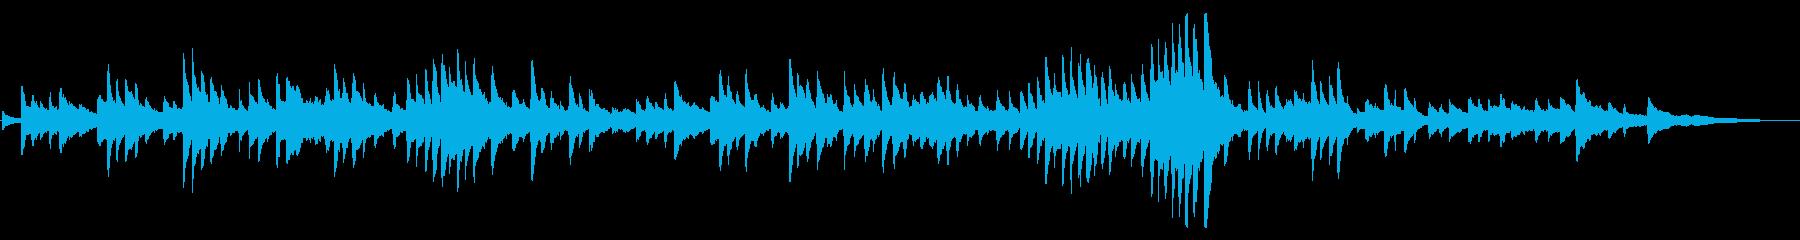 ショパン「別れの曲」ピアノソロ曲の再生済みの波形